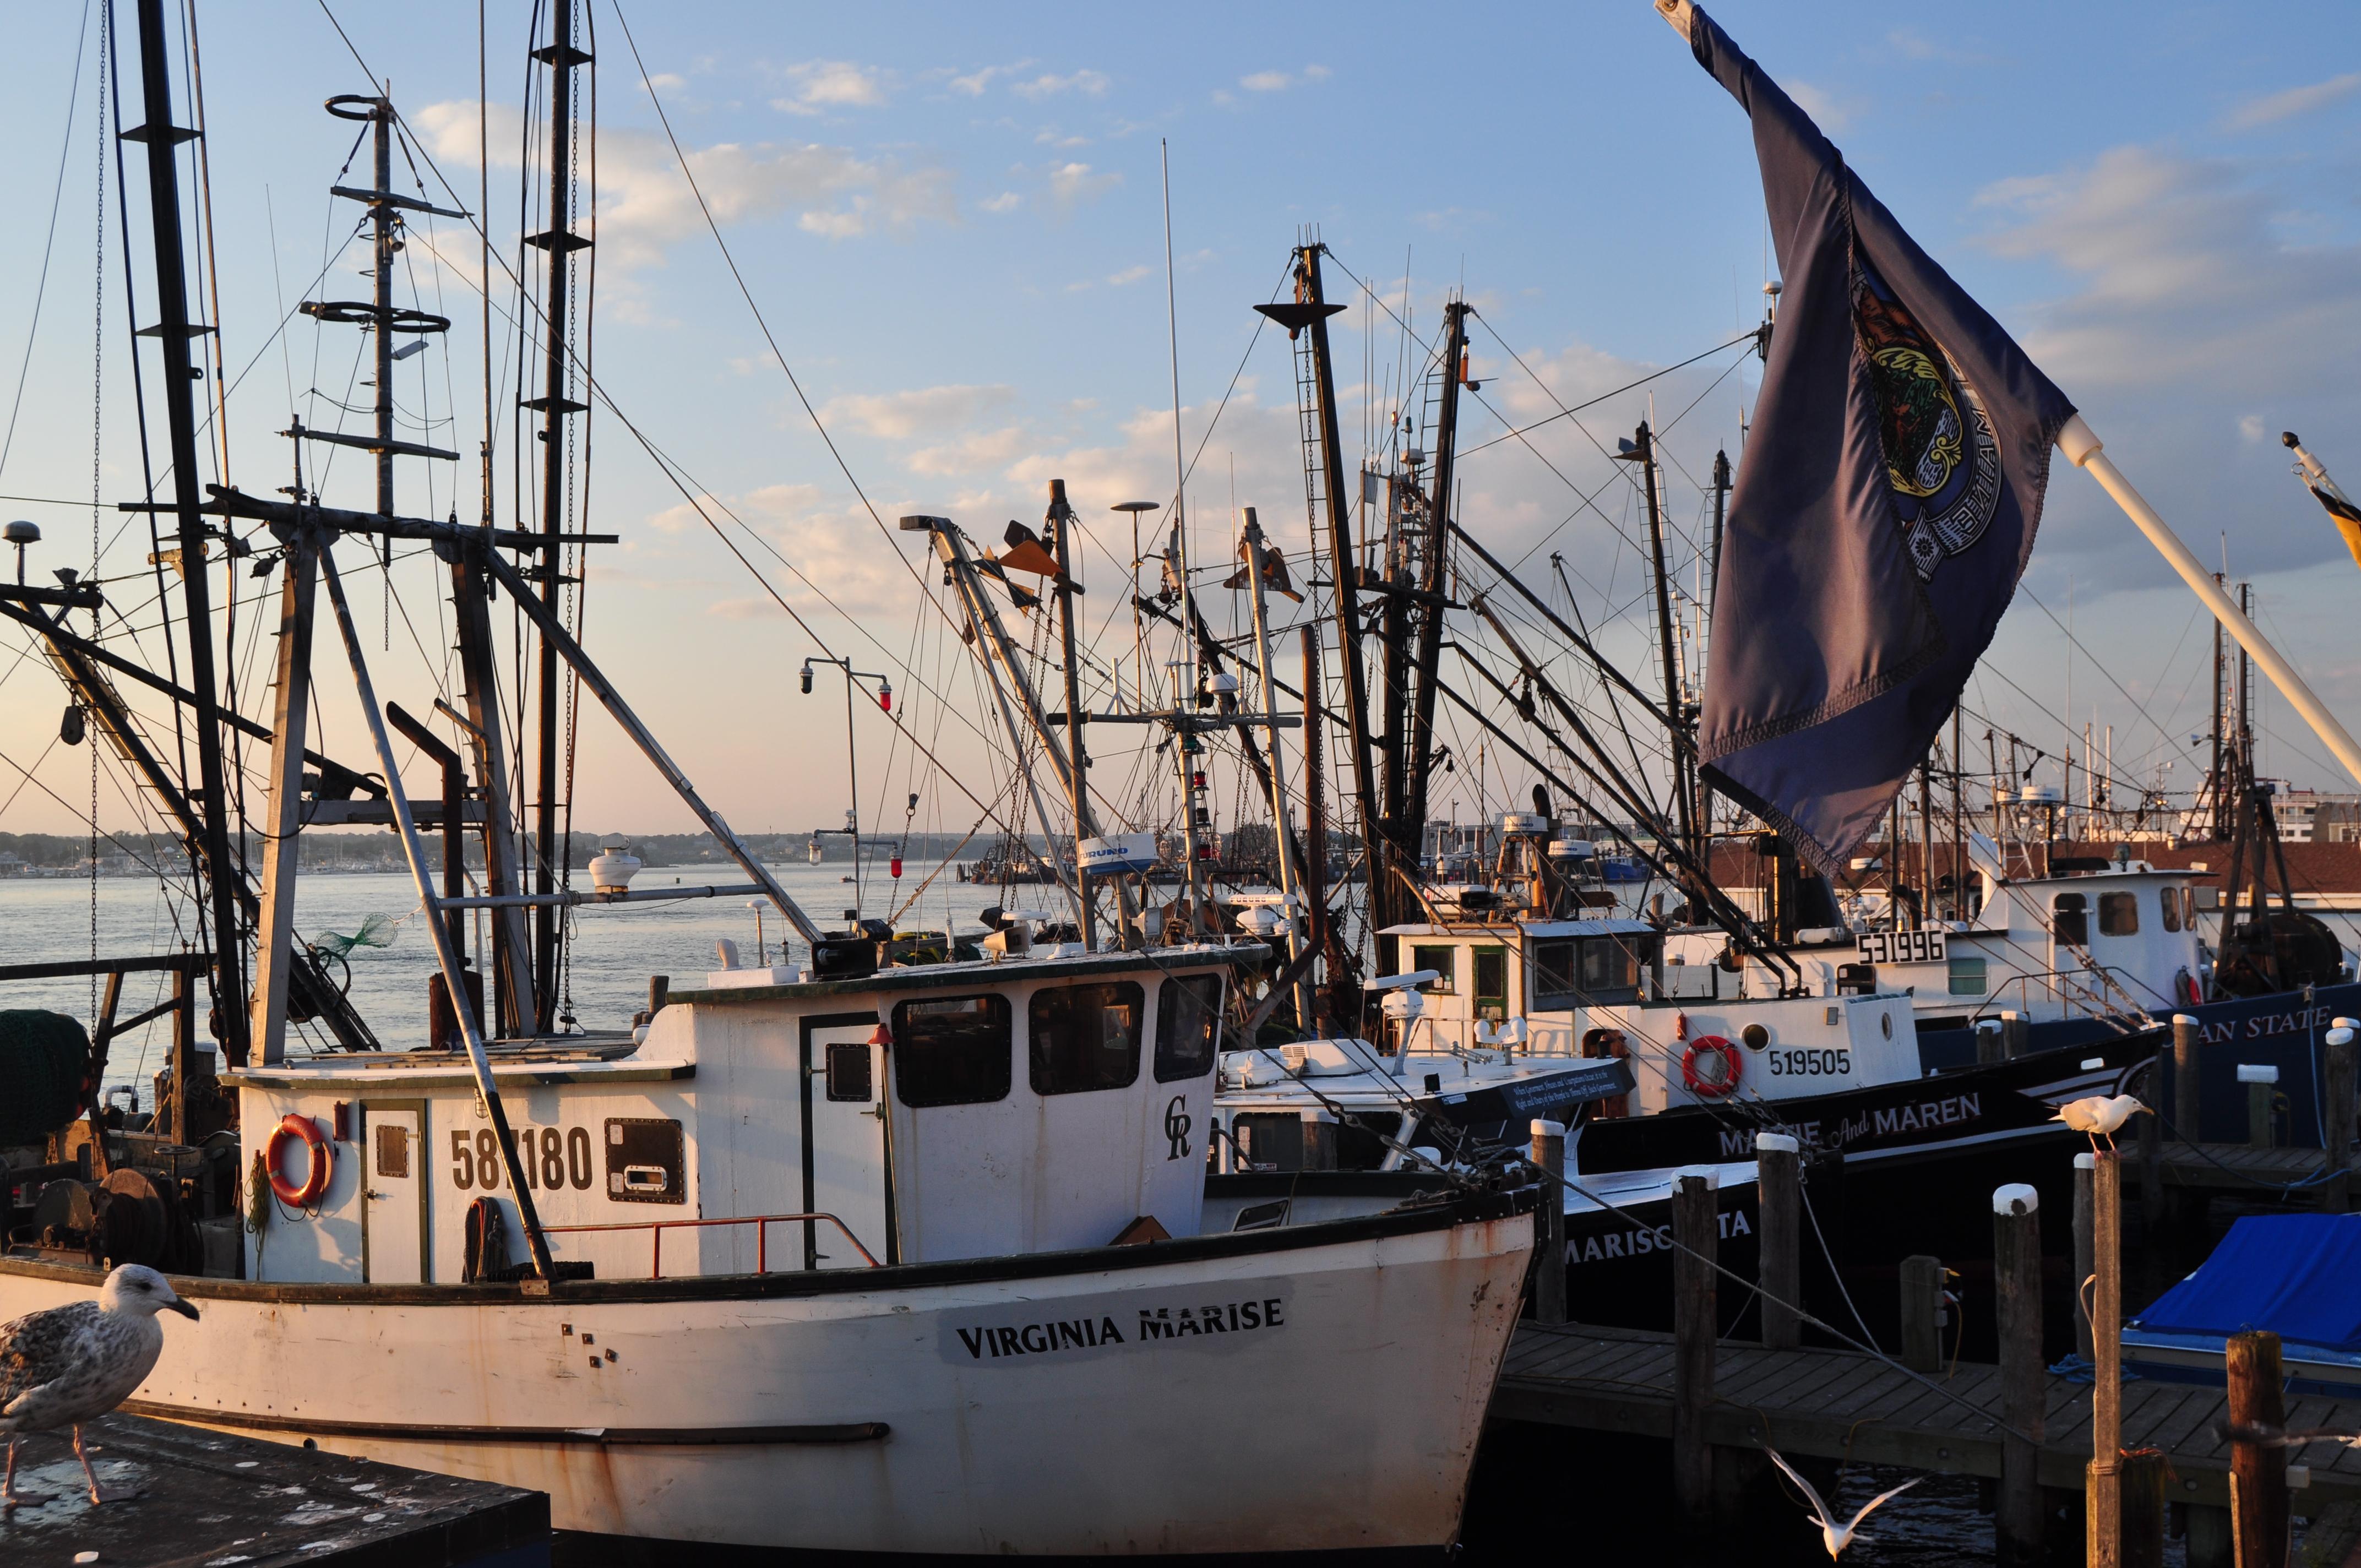 File:Lobster boats in Port of Galilee, RI.JPG - Wikimedia ...